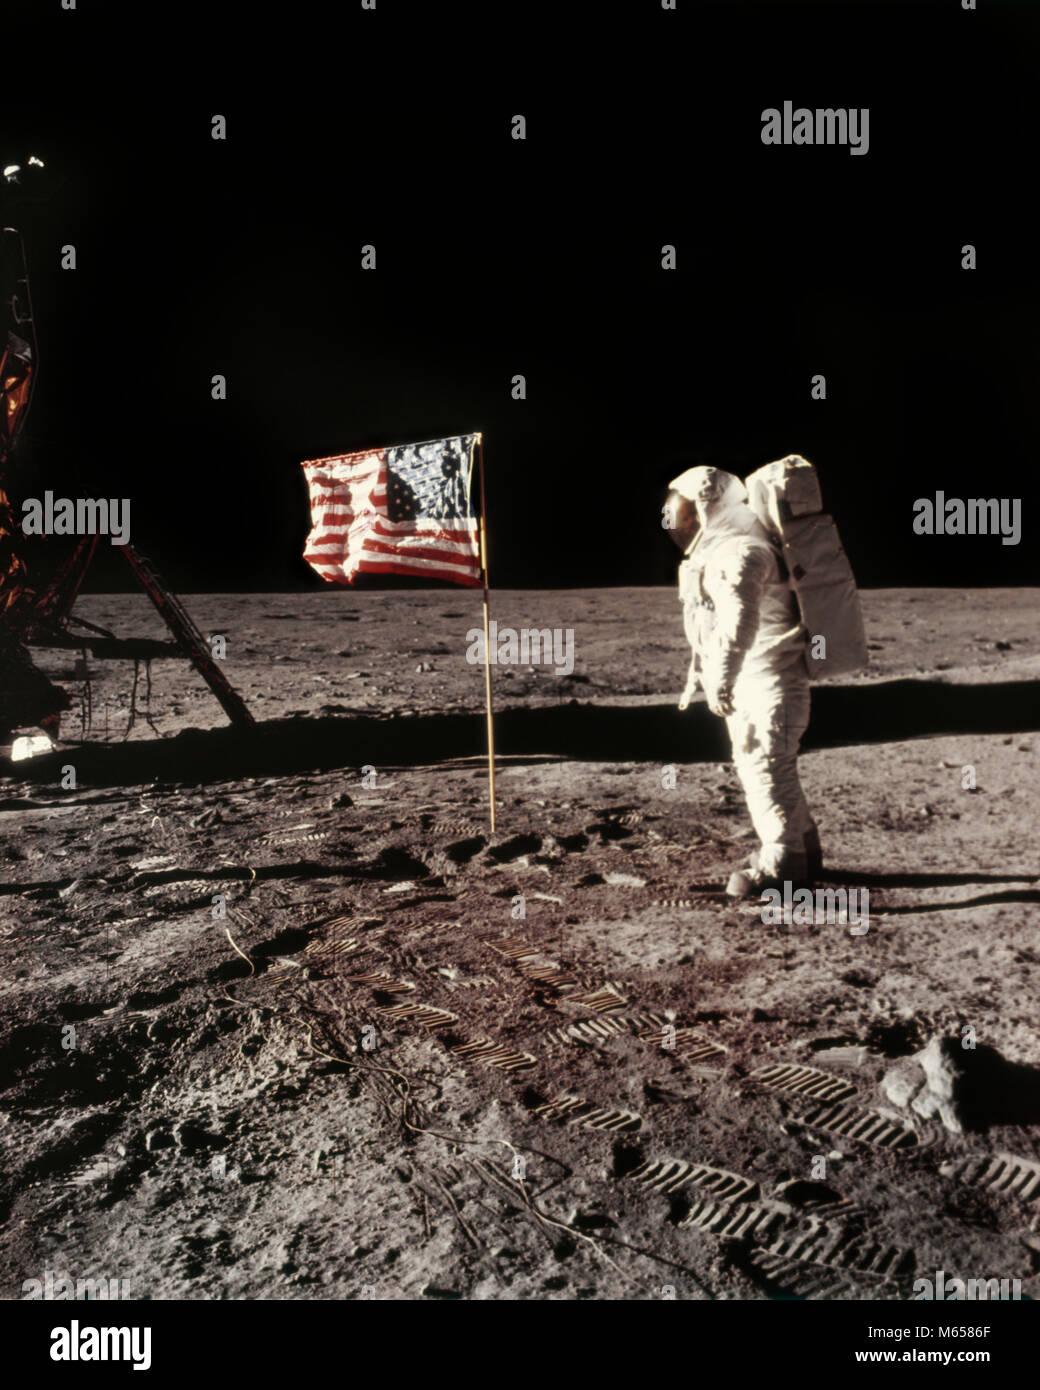 APOLLO 11 PLANTING UNITED STATES FLAG ON MOON - ka2051 NAS001 HARS SAFETY TEAMWORK APOLLO DREAM JOY LIFESTYLE HISTORY - Stock Image